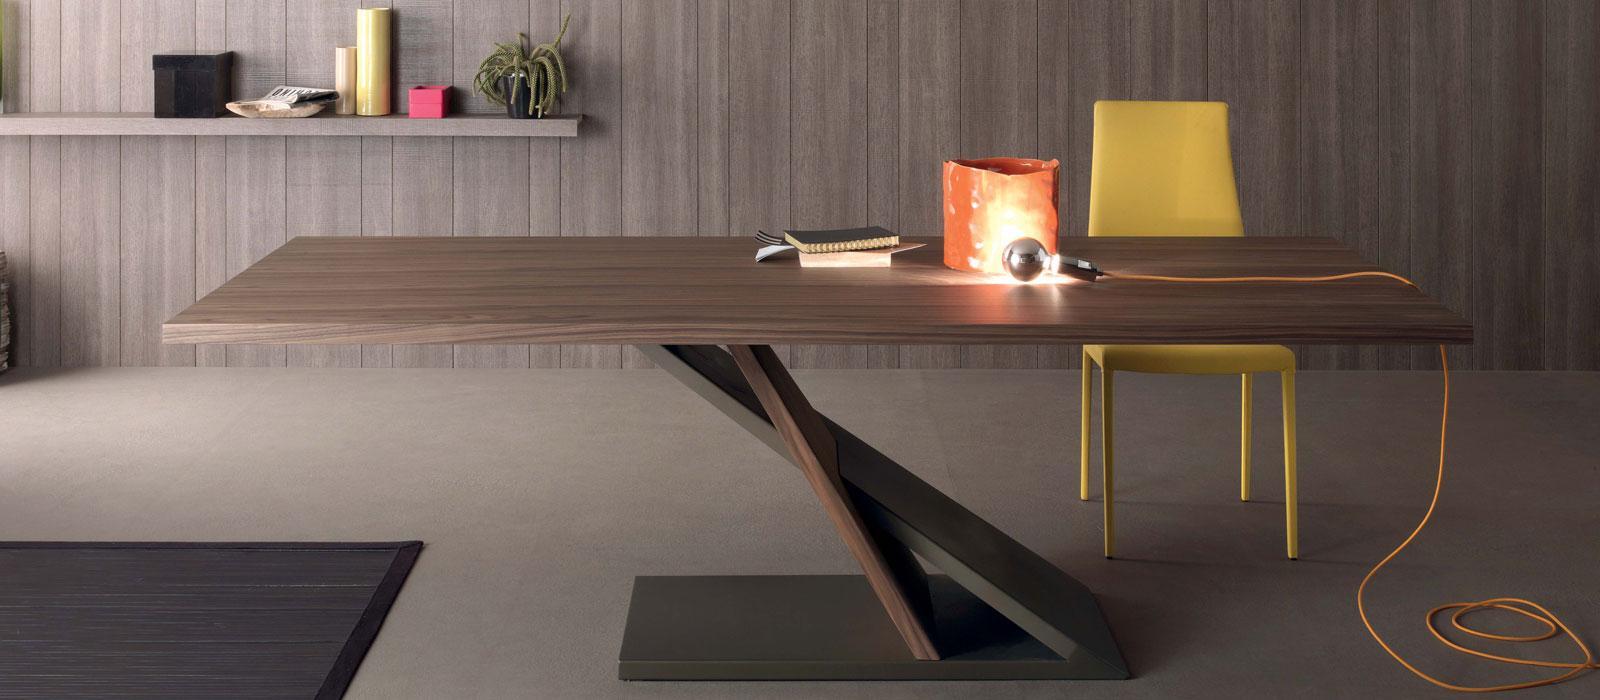 meubles italiens haut gamme meuble italien haut de gamme. Black Bedroom Furniture Sets. Home Design Ideas